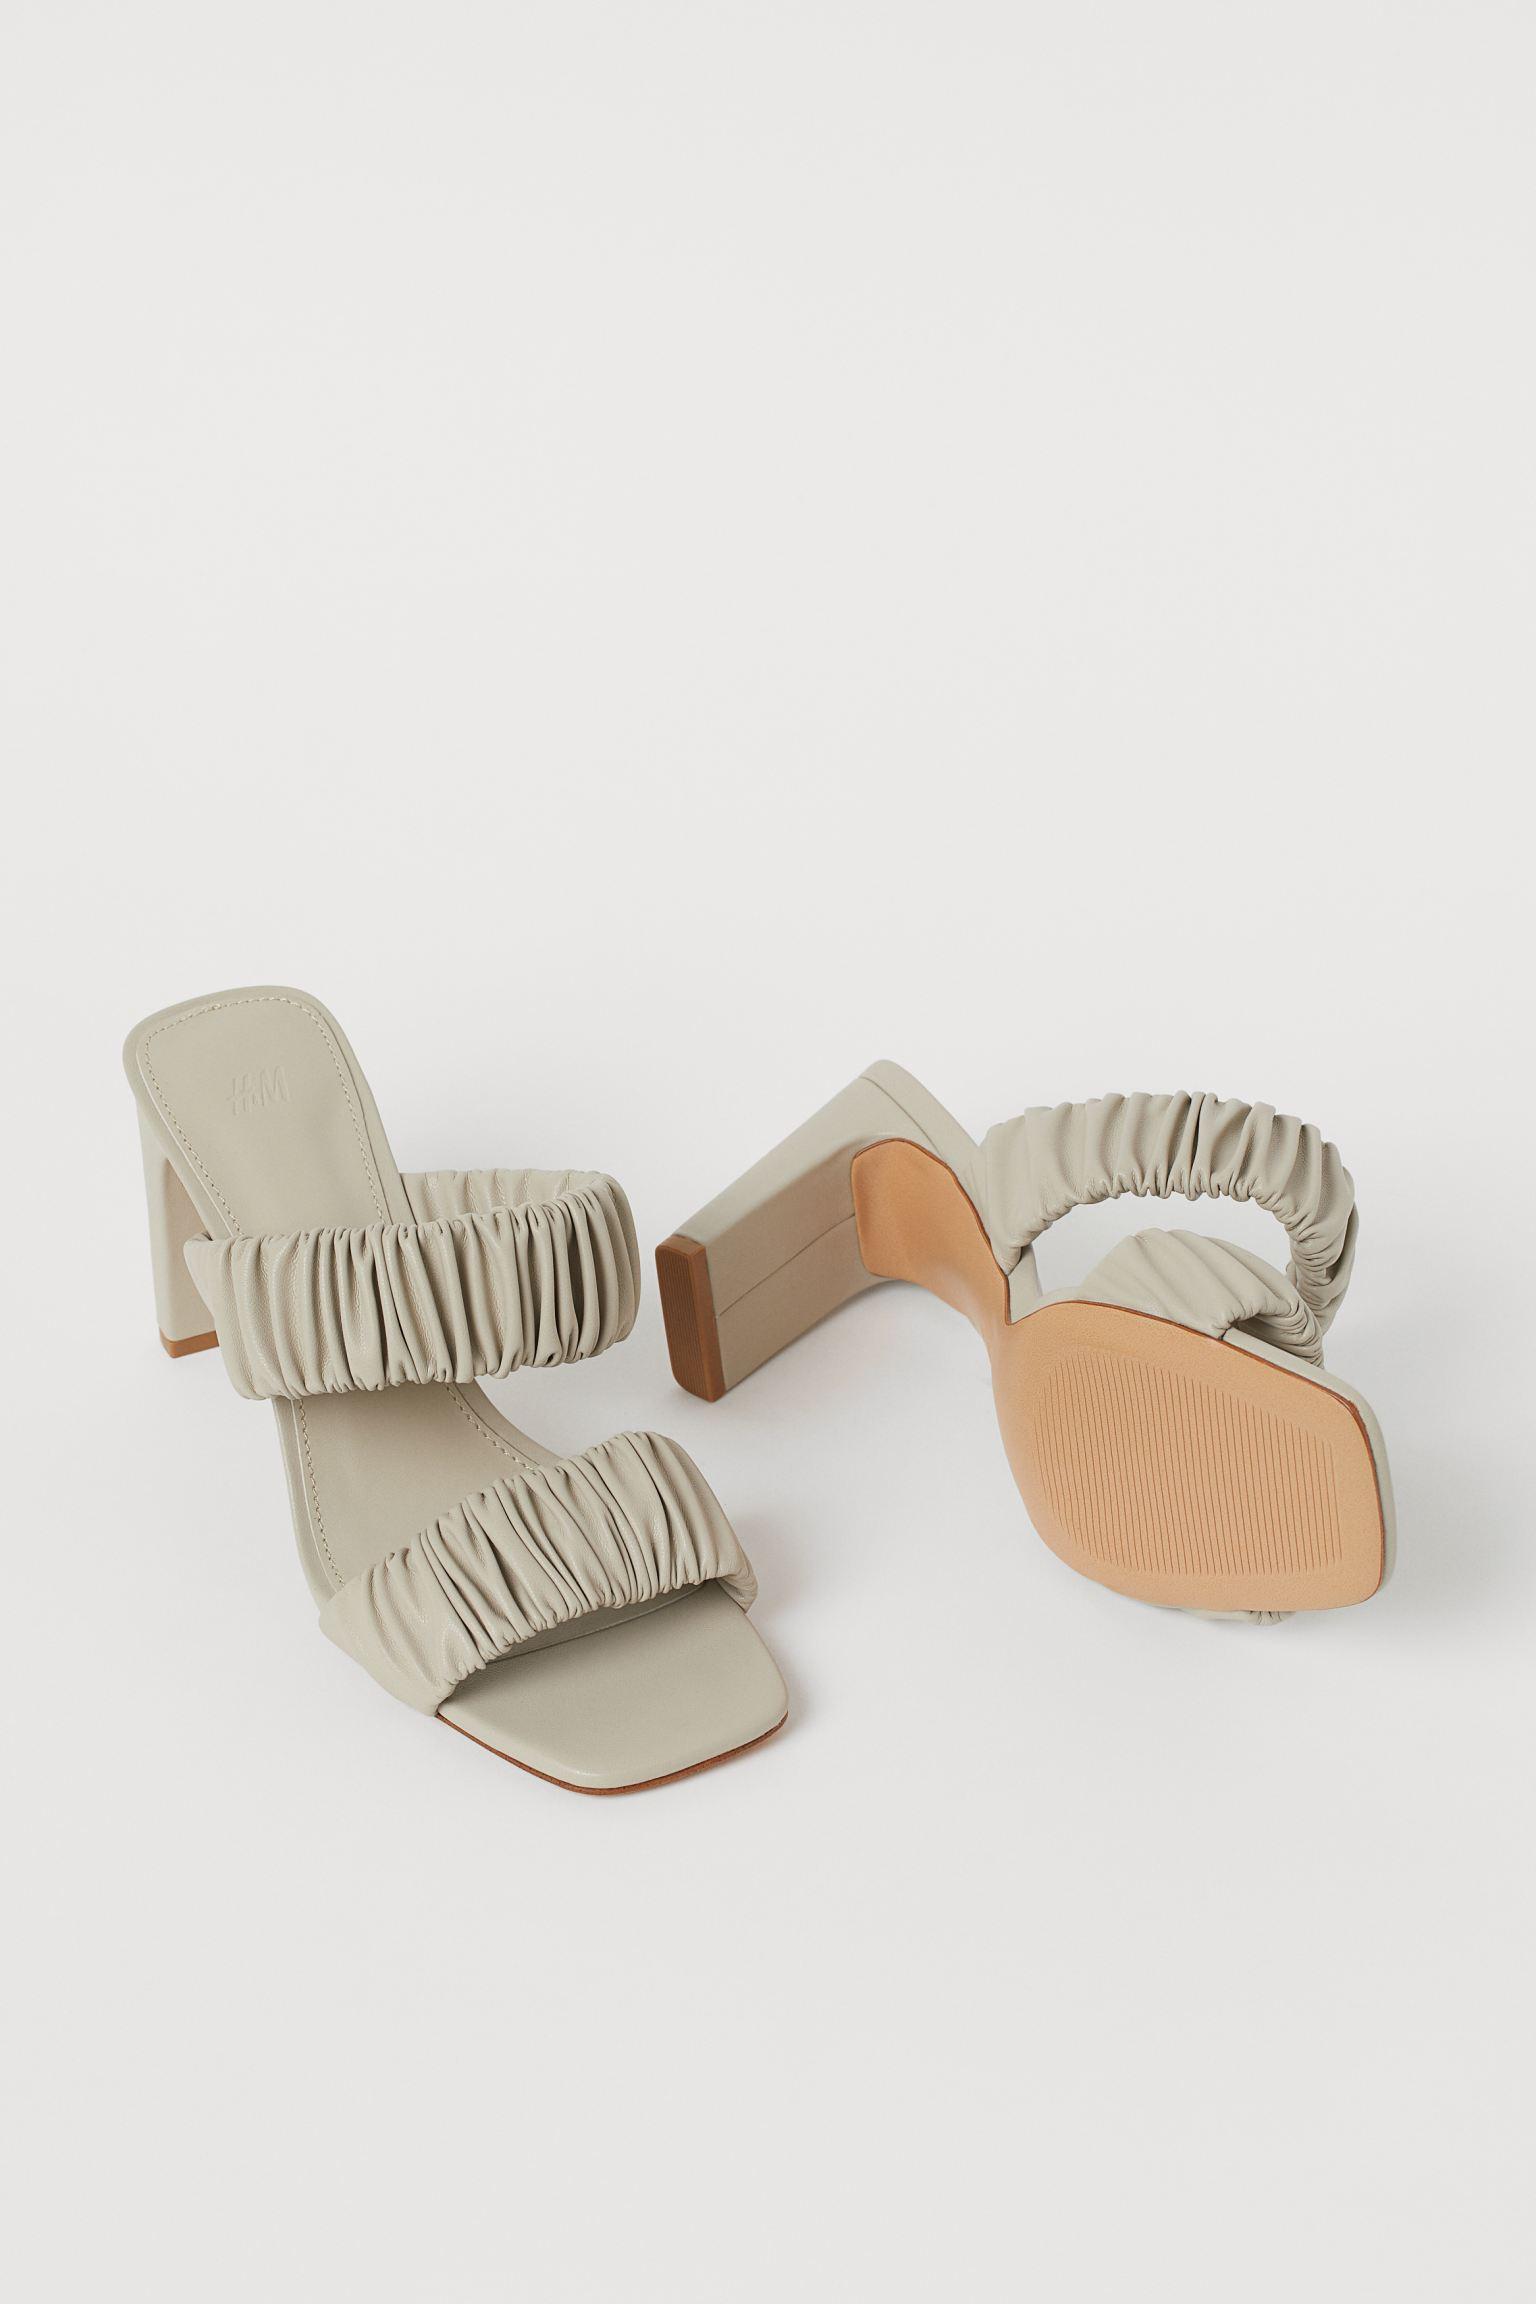 Sandalias en piel sintética con puntera cuadrada y tiras fruncidas.